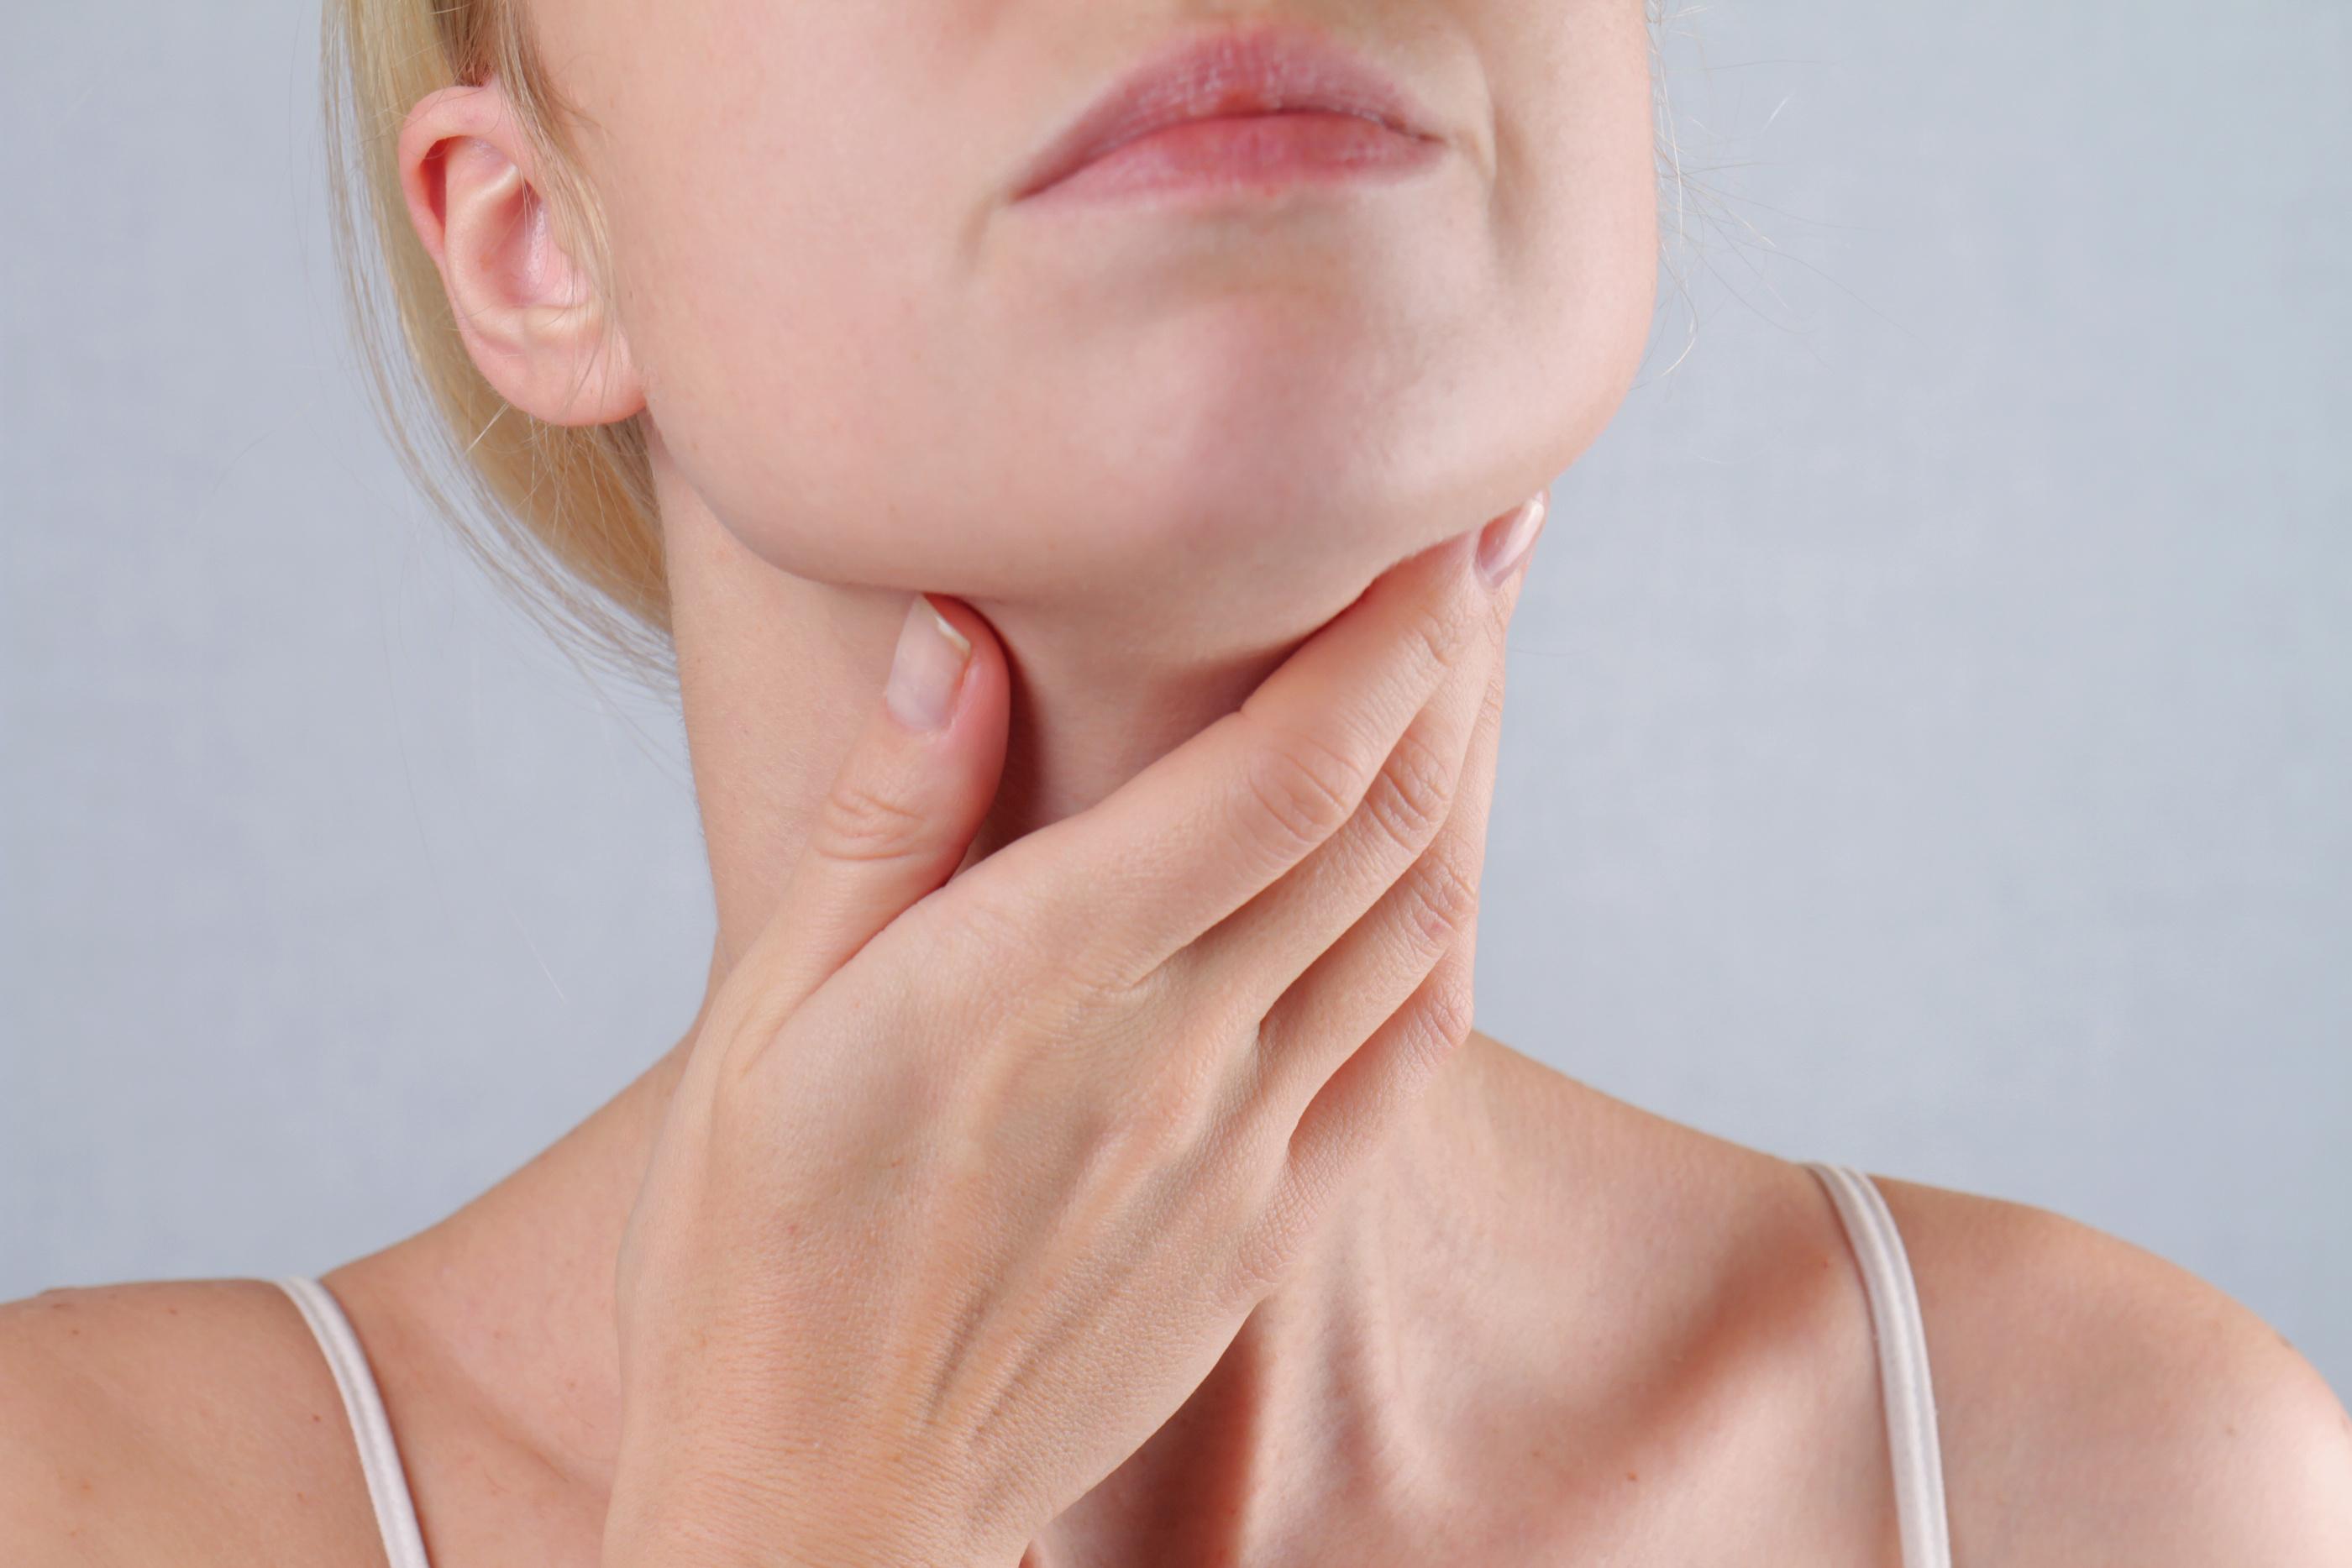 truvision fogyás exlax fogyást okozhat